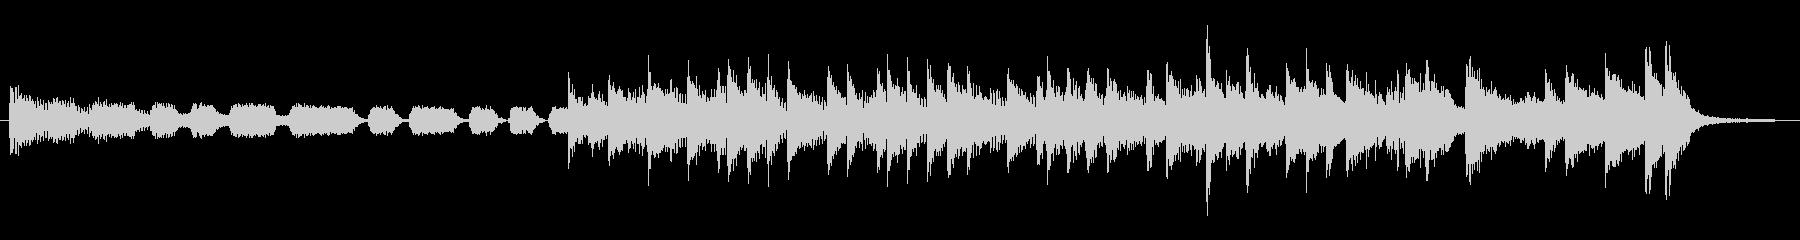 出囃子15秒ロックピアノテイスト音源の未再生の波形